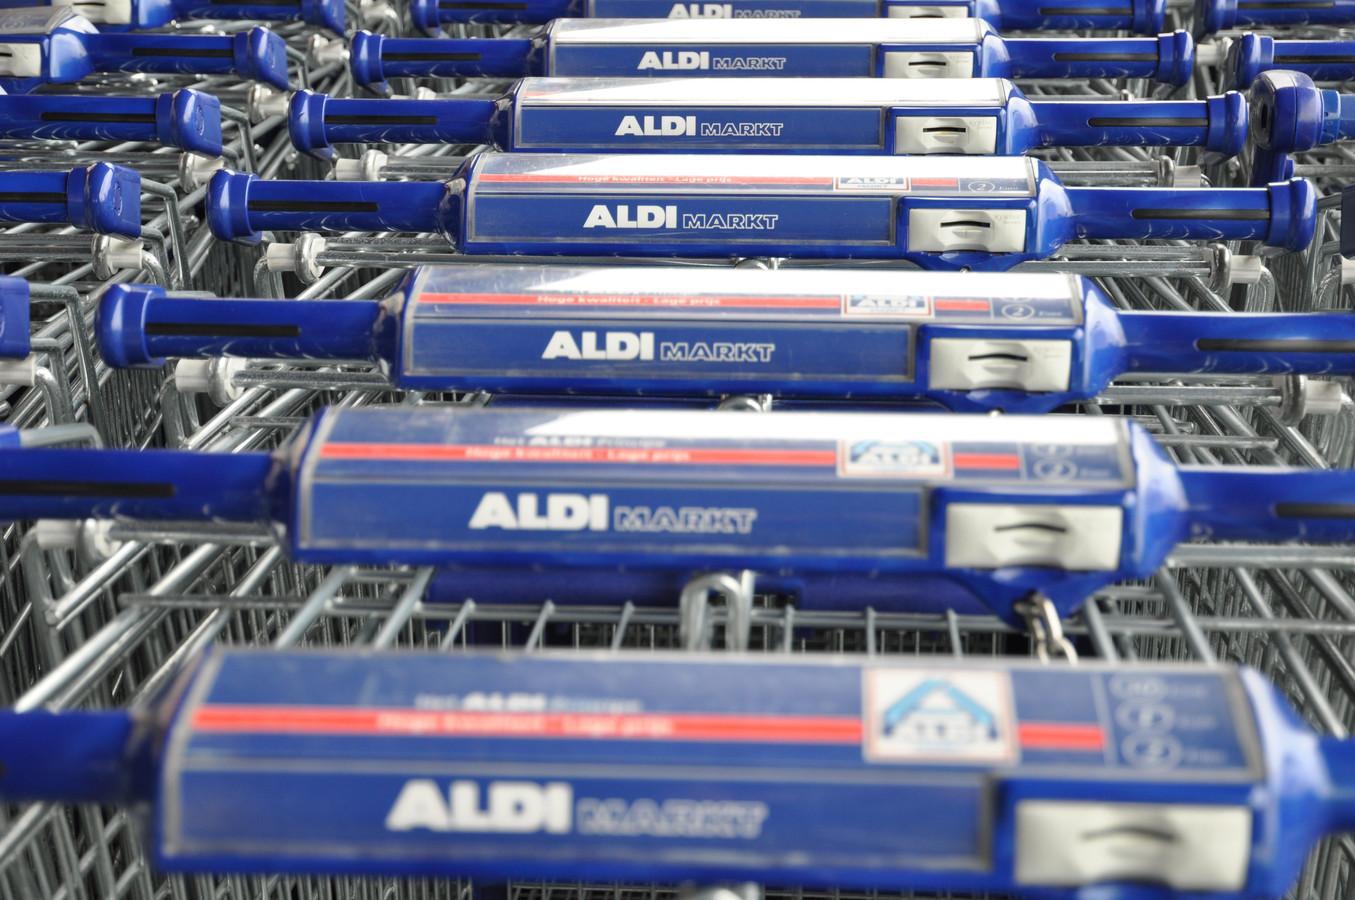 De Aldi in Hulst verhuist naar een nieuw onderkomen.